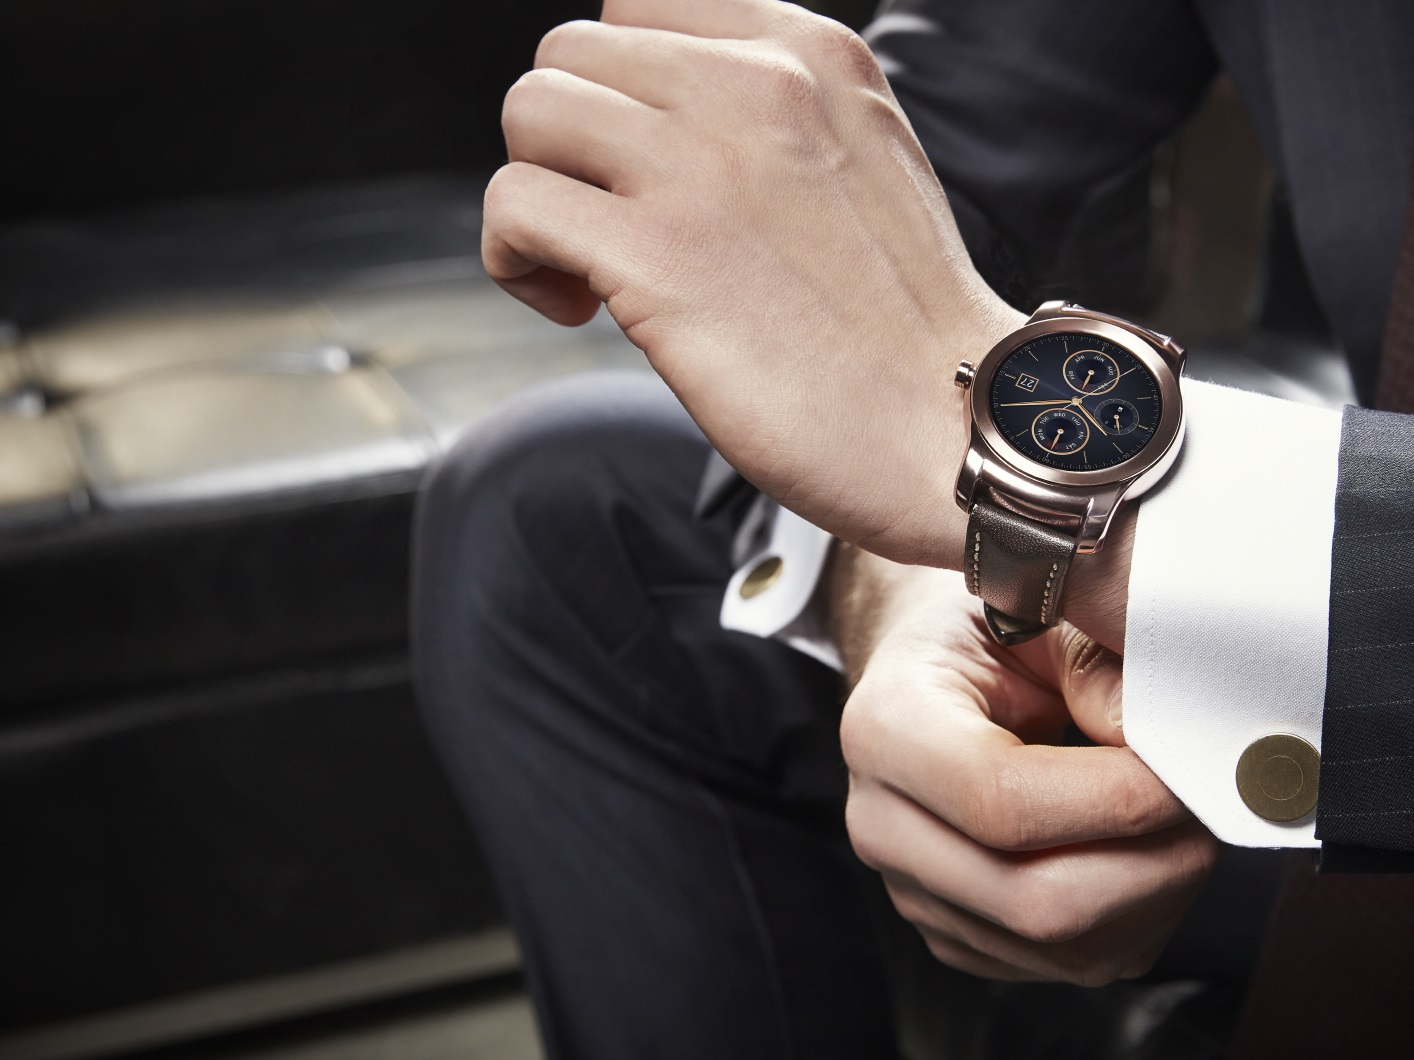 بالصور : شاهد ساعة LG الجديدة